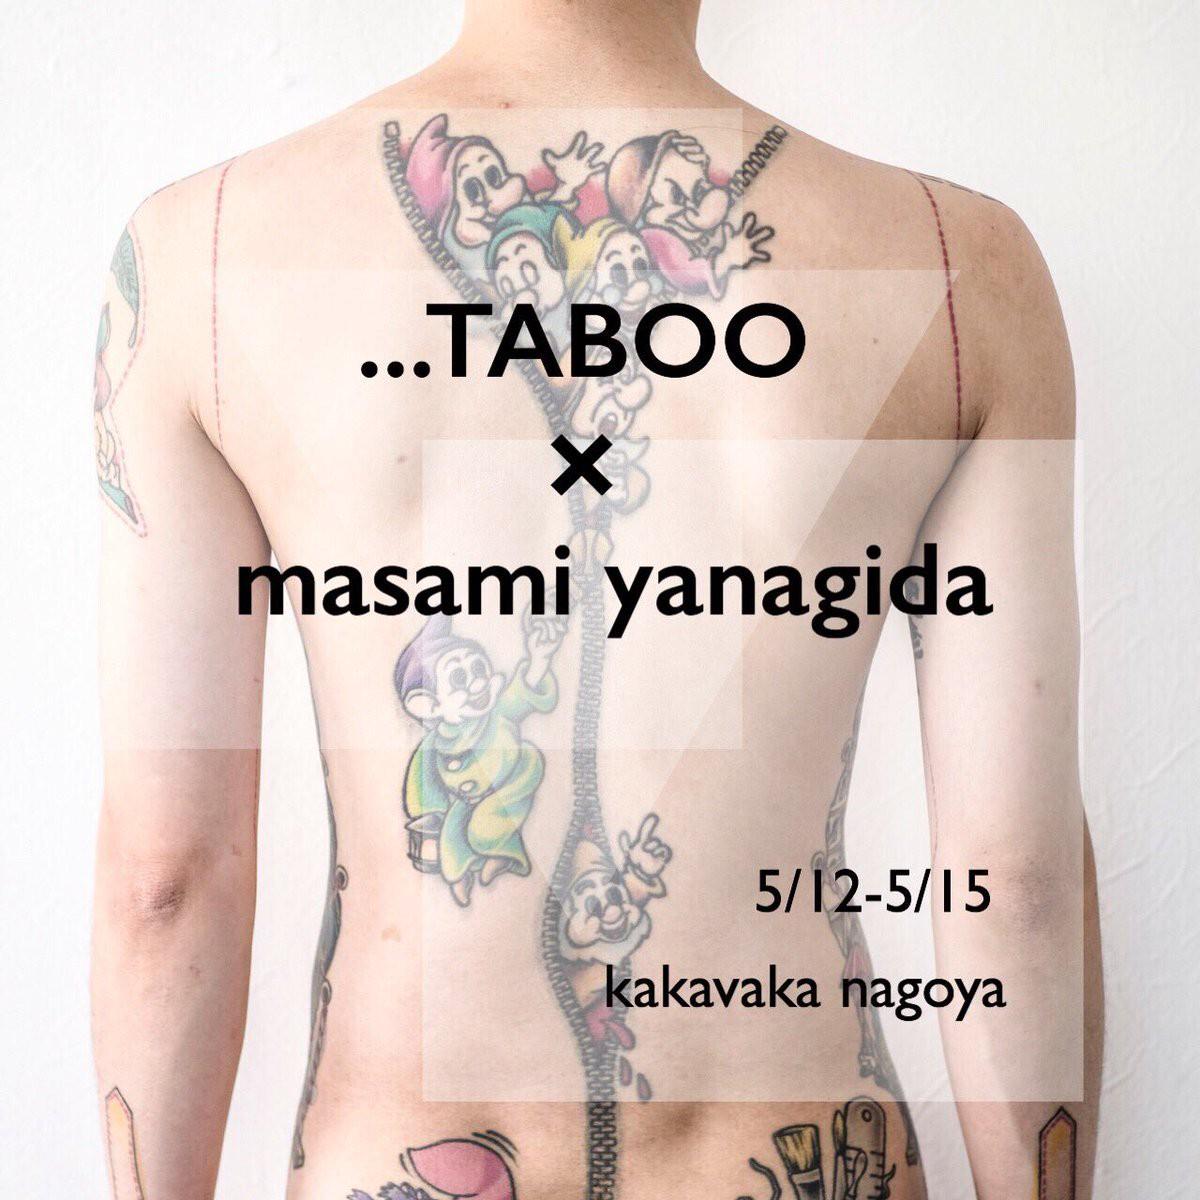 【…TABOO】×【masami yanagida】 受注・即売会